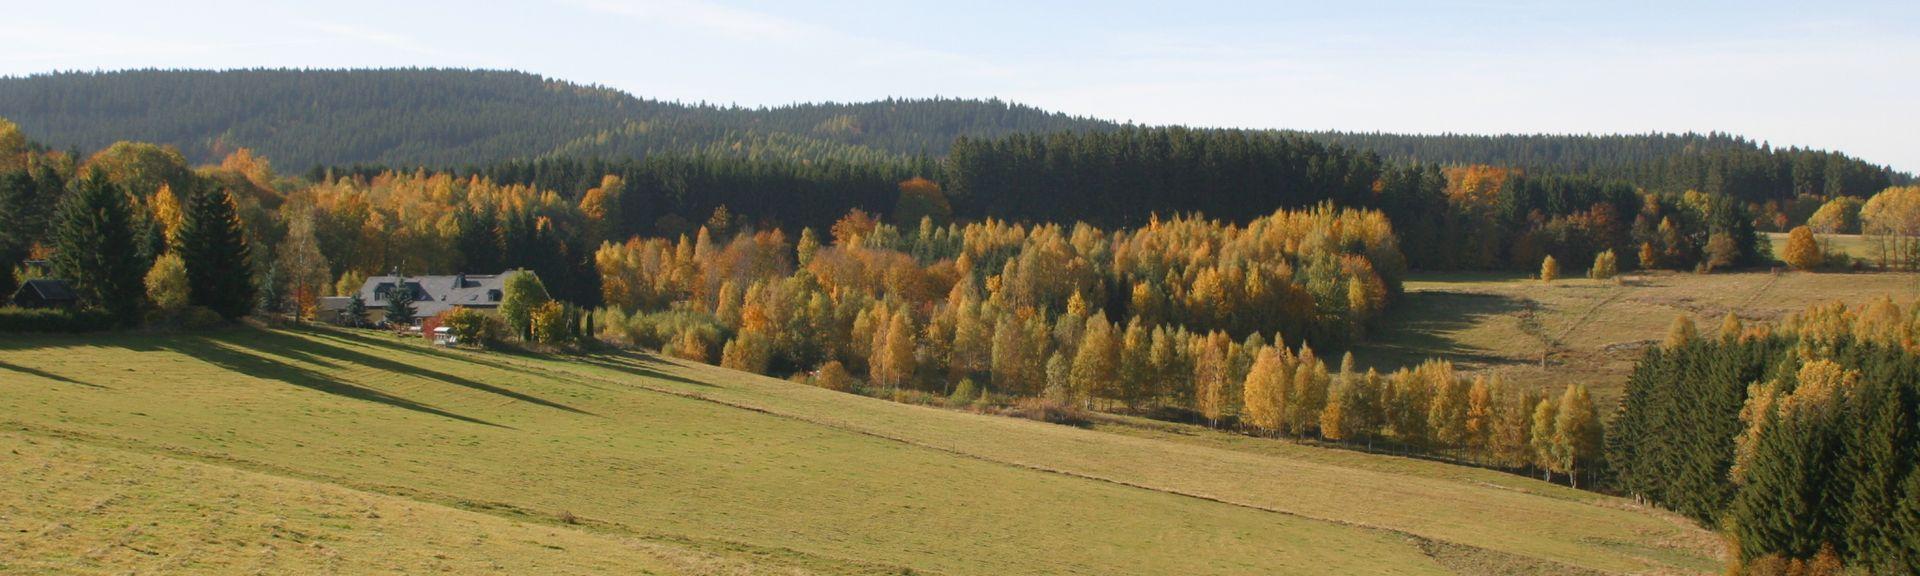 Gruenhain-Beierfeld, Sassonia, Germania